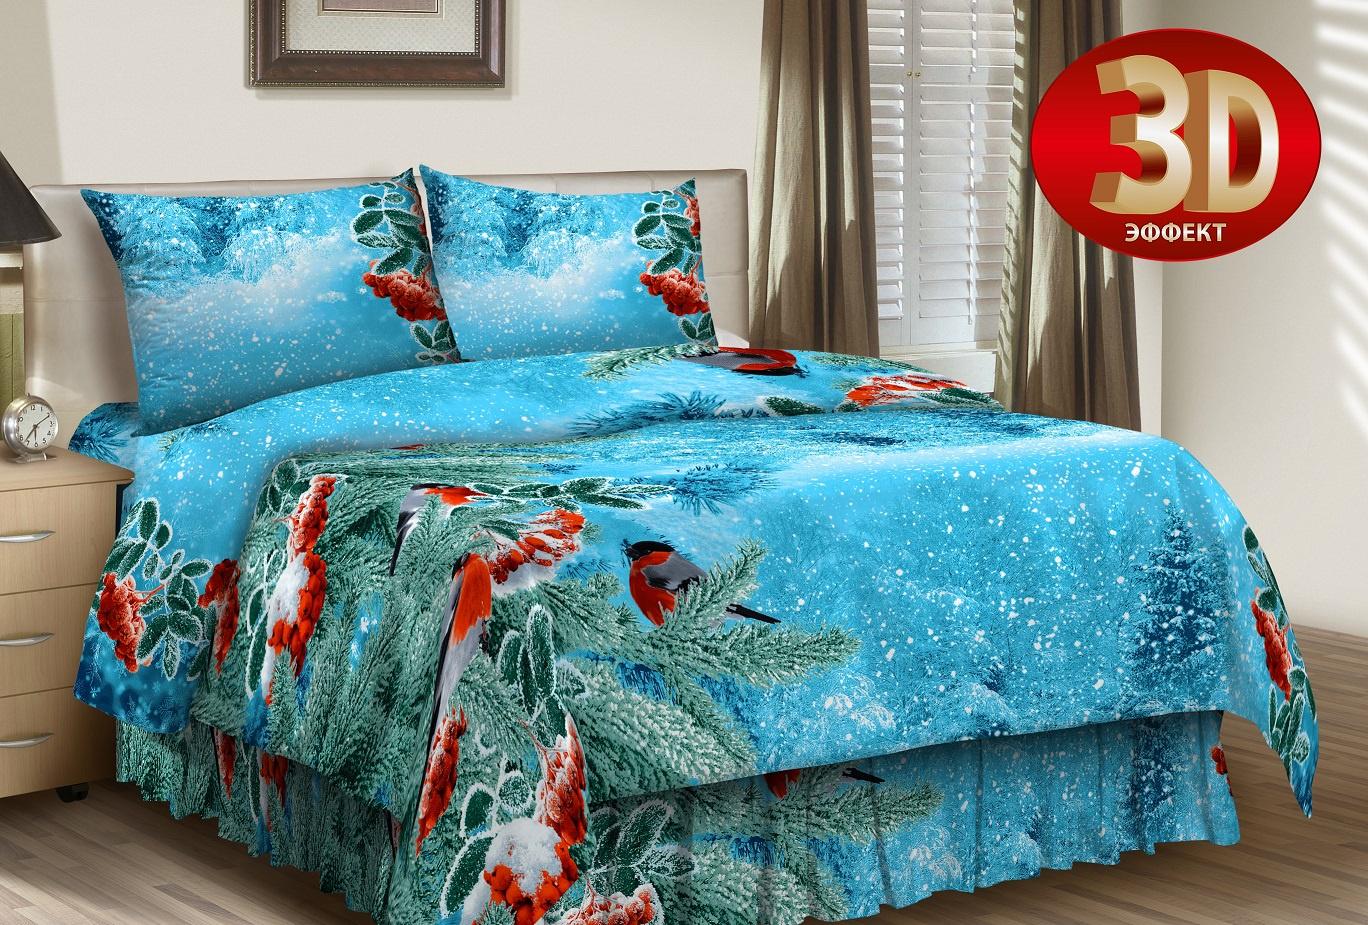 Комплект постельного белья Витэлия 1,5СП Снегири зимой, 3686236862Комплект 1,5 спального постельного белья. Потрясающе красивое постельное белье с изображением самых нежных цветов. Натуральный материал приятен на ощупь. Пододеяльник 145х205 - 1 шт., Простыня - 145х205 - 1 шт., Наволочка 70х70 - 2шт. Материал: бязь ГОСТ 125 г/м2 (100% хлопок).